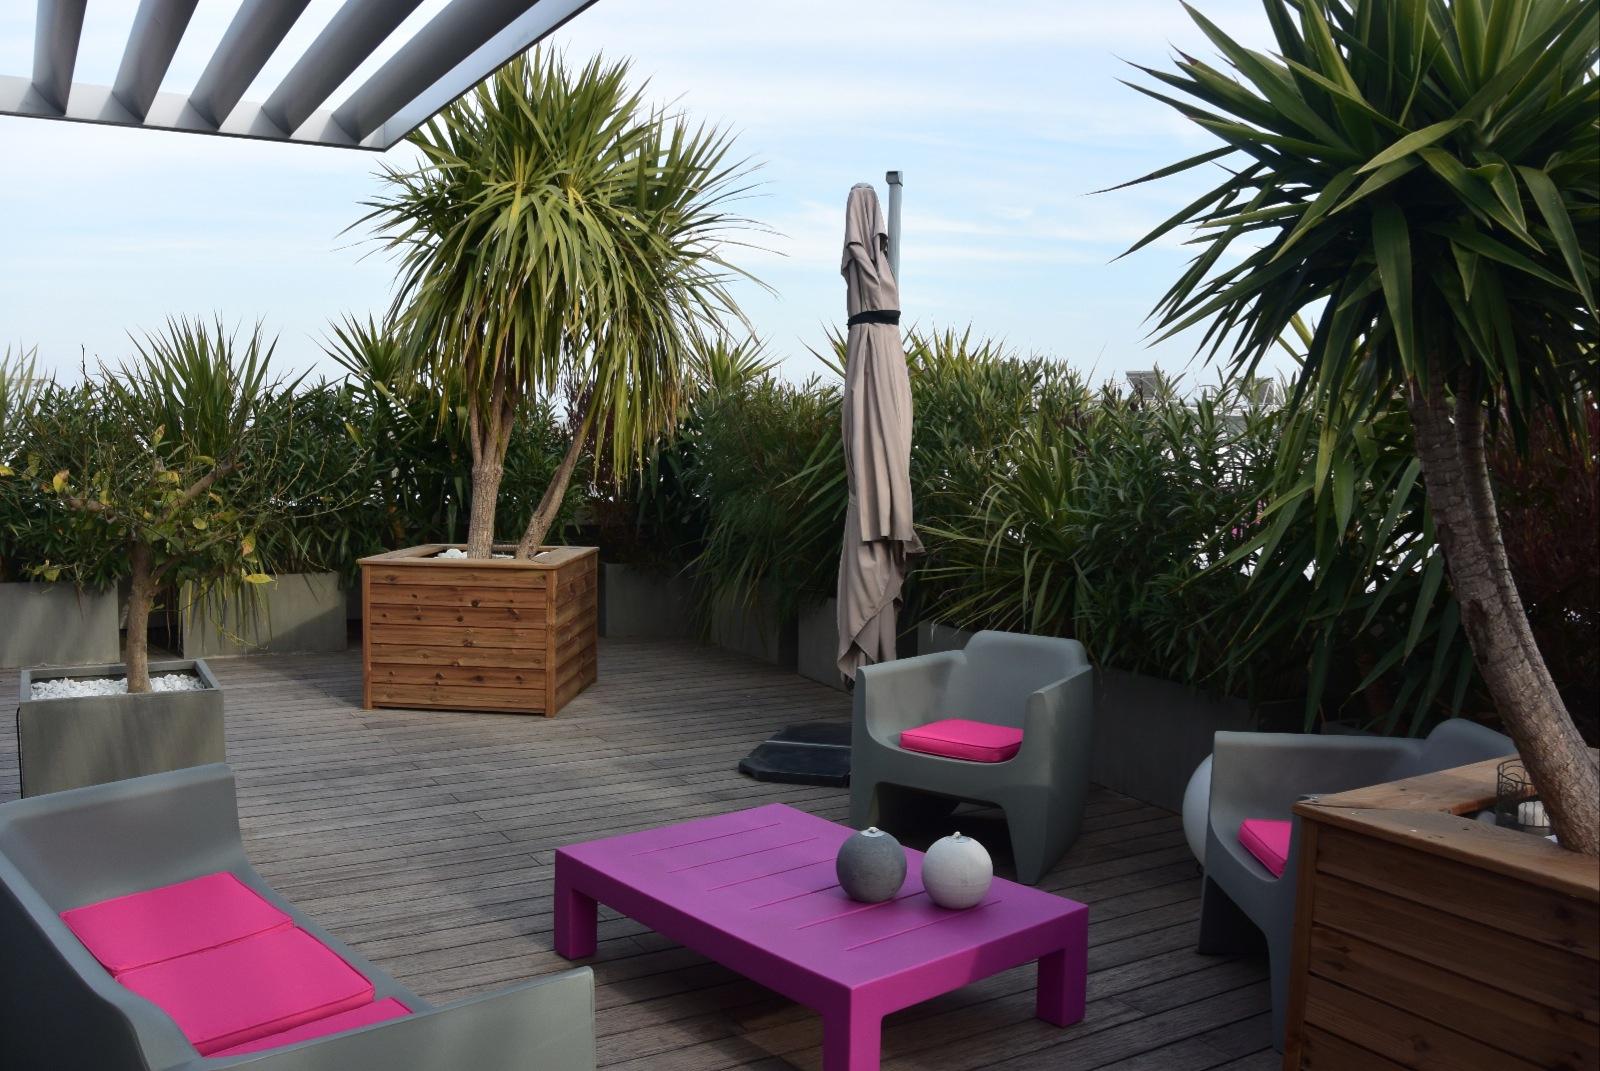 Vente palavas appartement f3 en toit terrasse for Toit terrasse immobilier